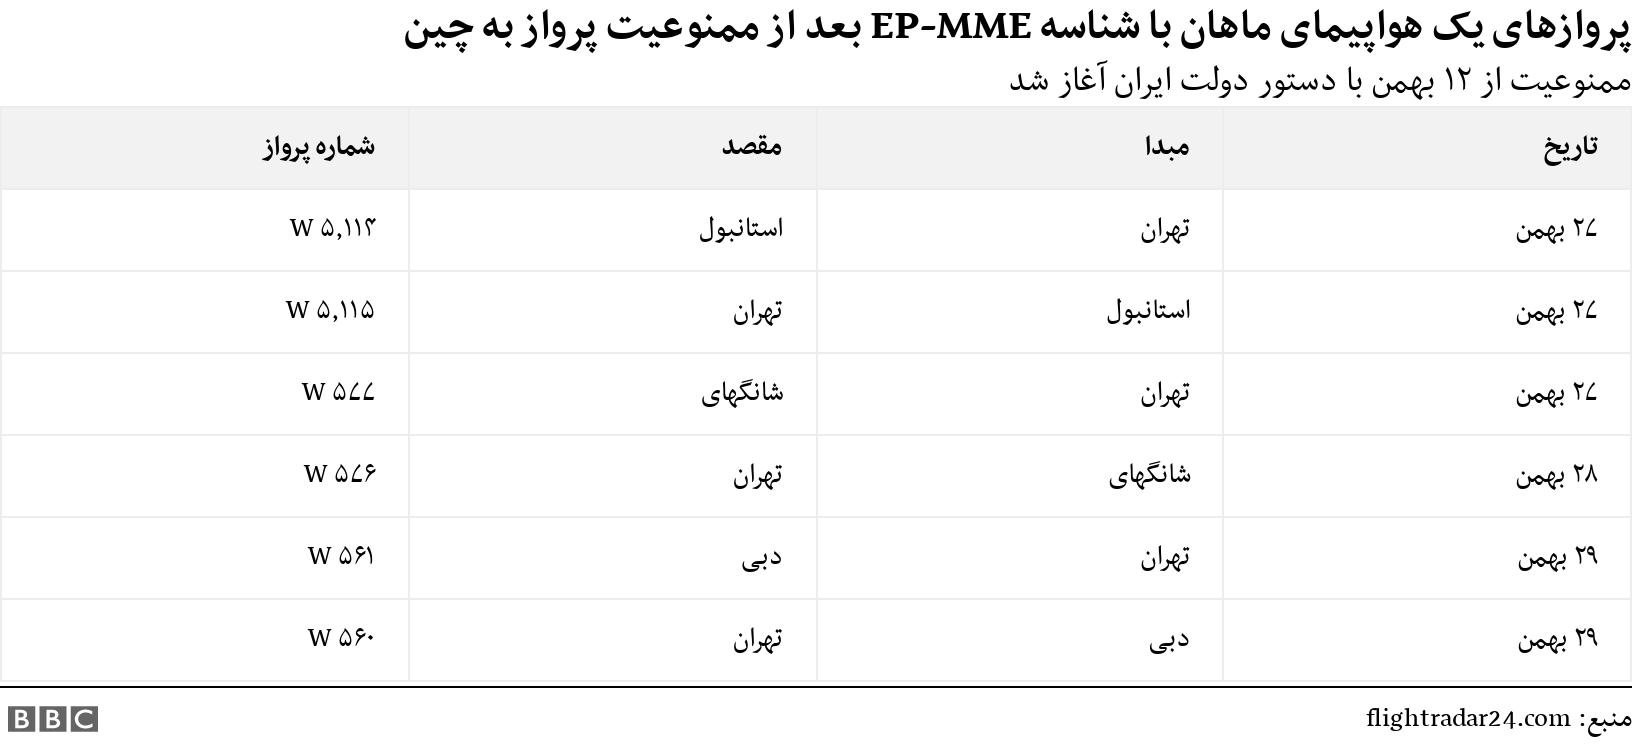 پروازهای یک هواپیمای ماهان با شناسه EP-MME بعد از ممنوعیت پرواز به چین. ممنوعیت از ۱۲ بهمن با دستور دولت ایران آغاز شد.  .